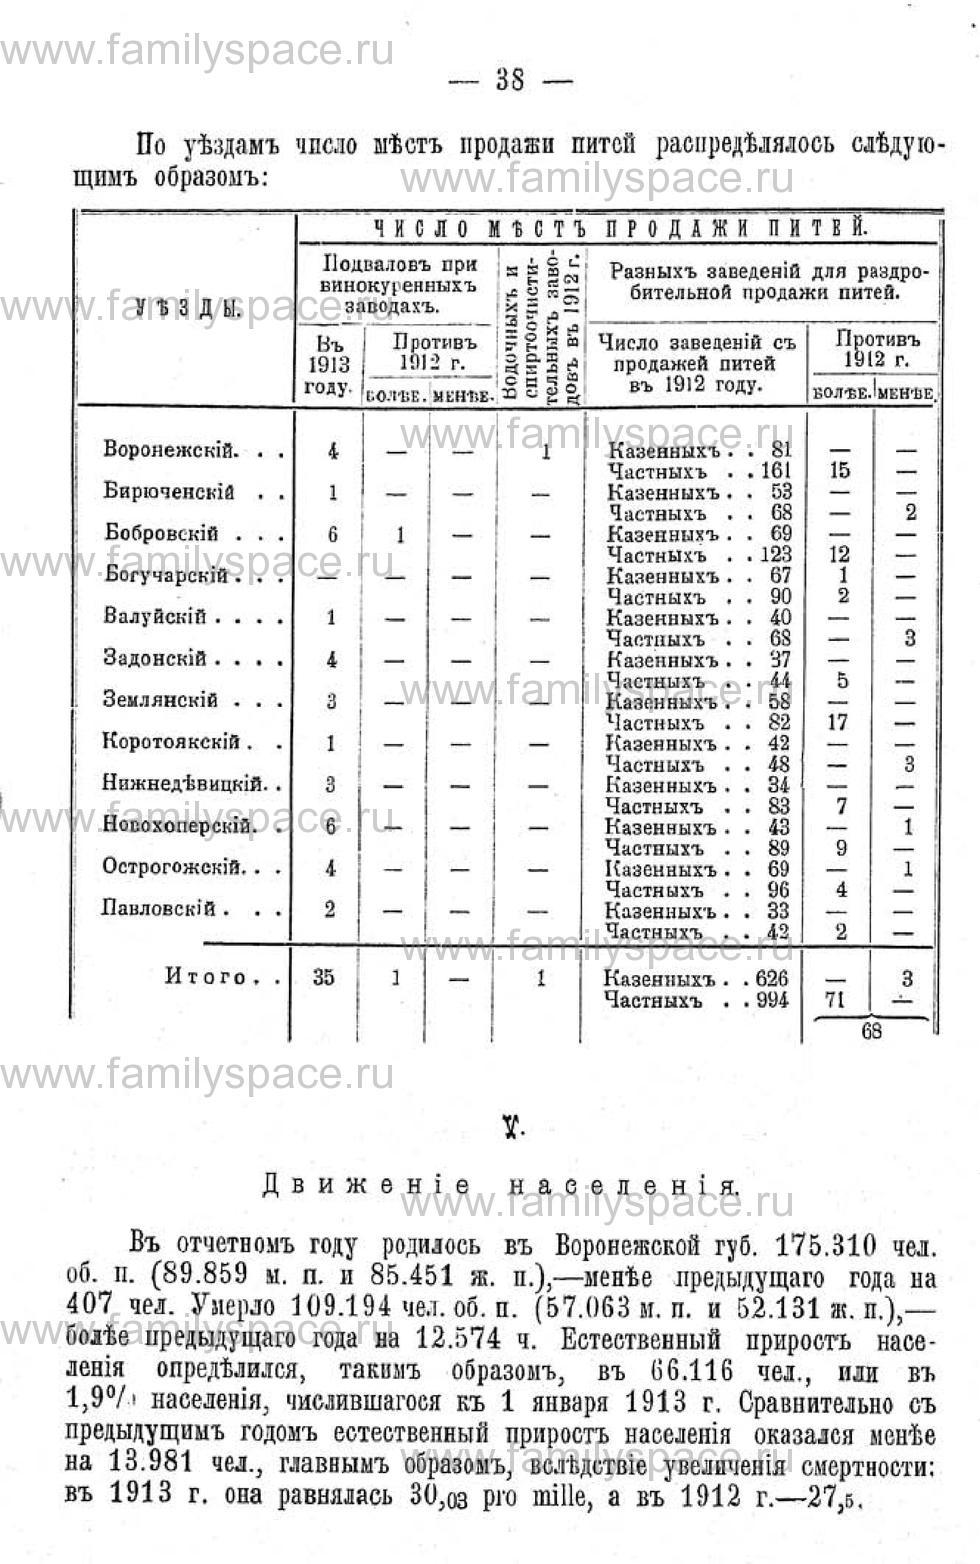 Поиск по фамилии - Памятная книжка Воронежской губернии на 1915 год, страница 2038